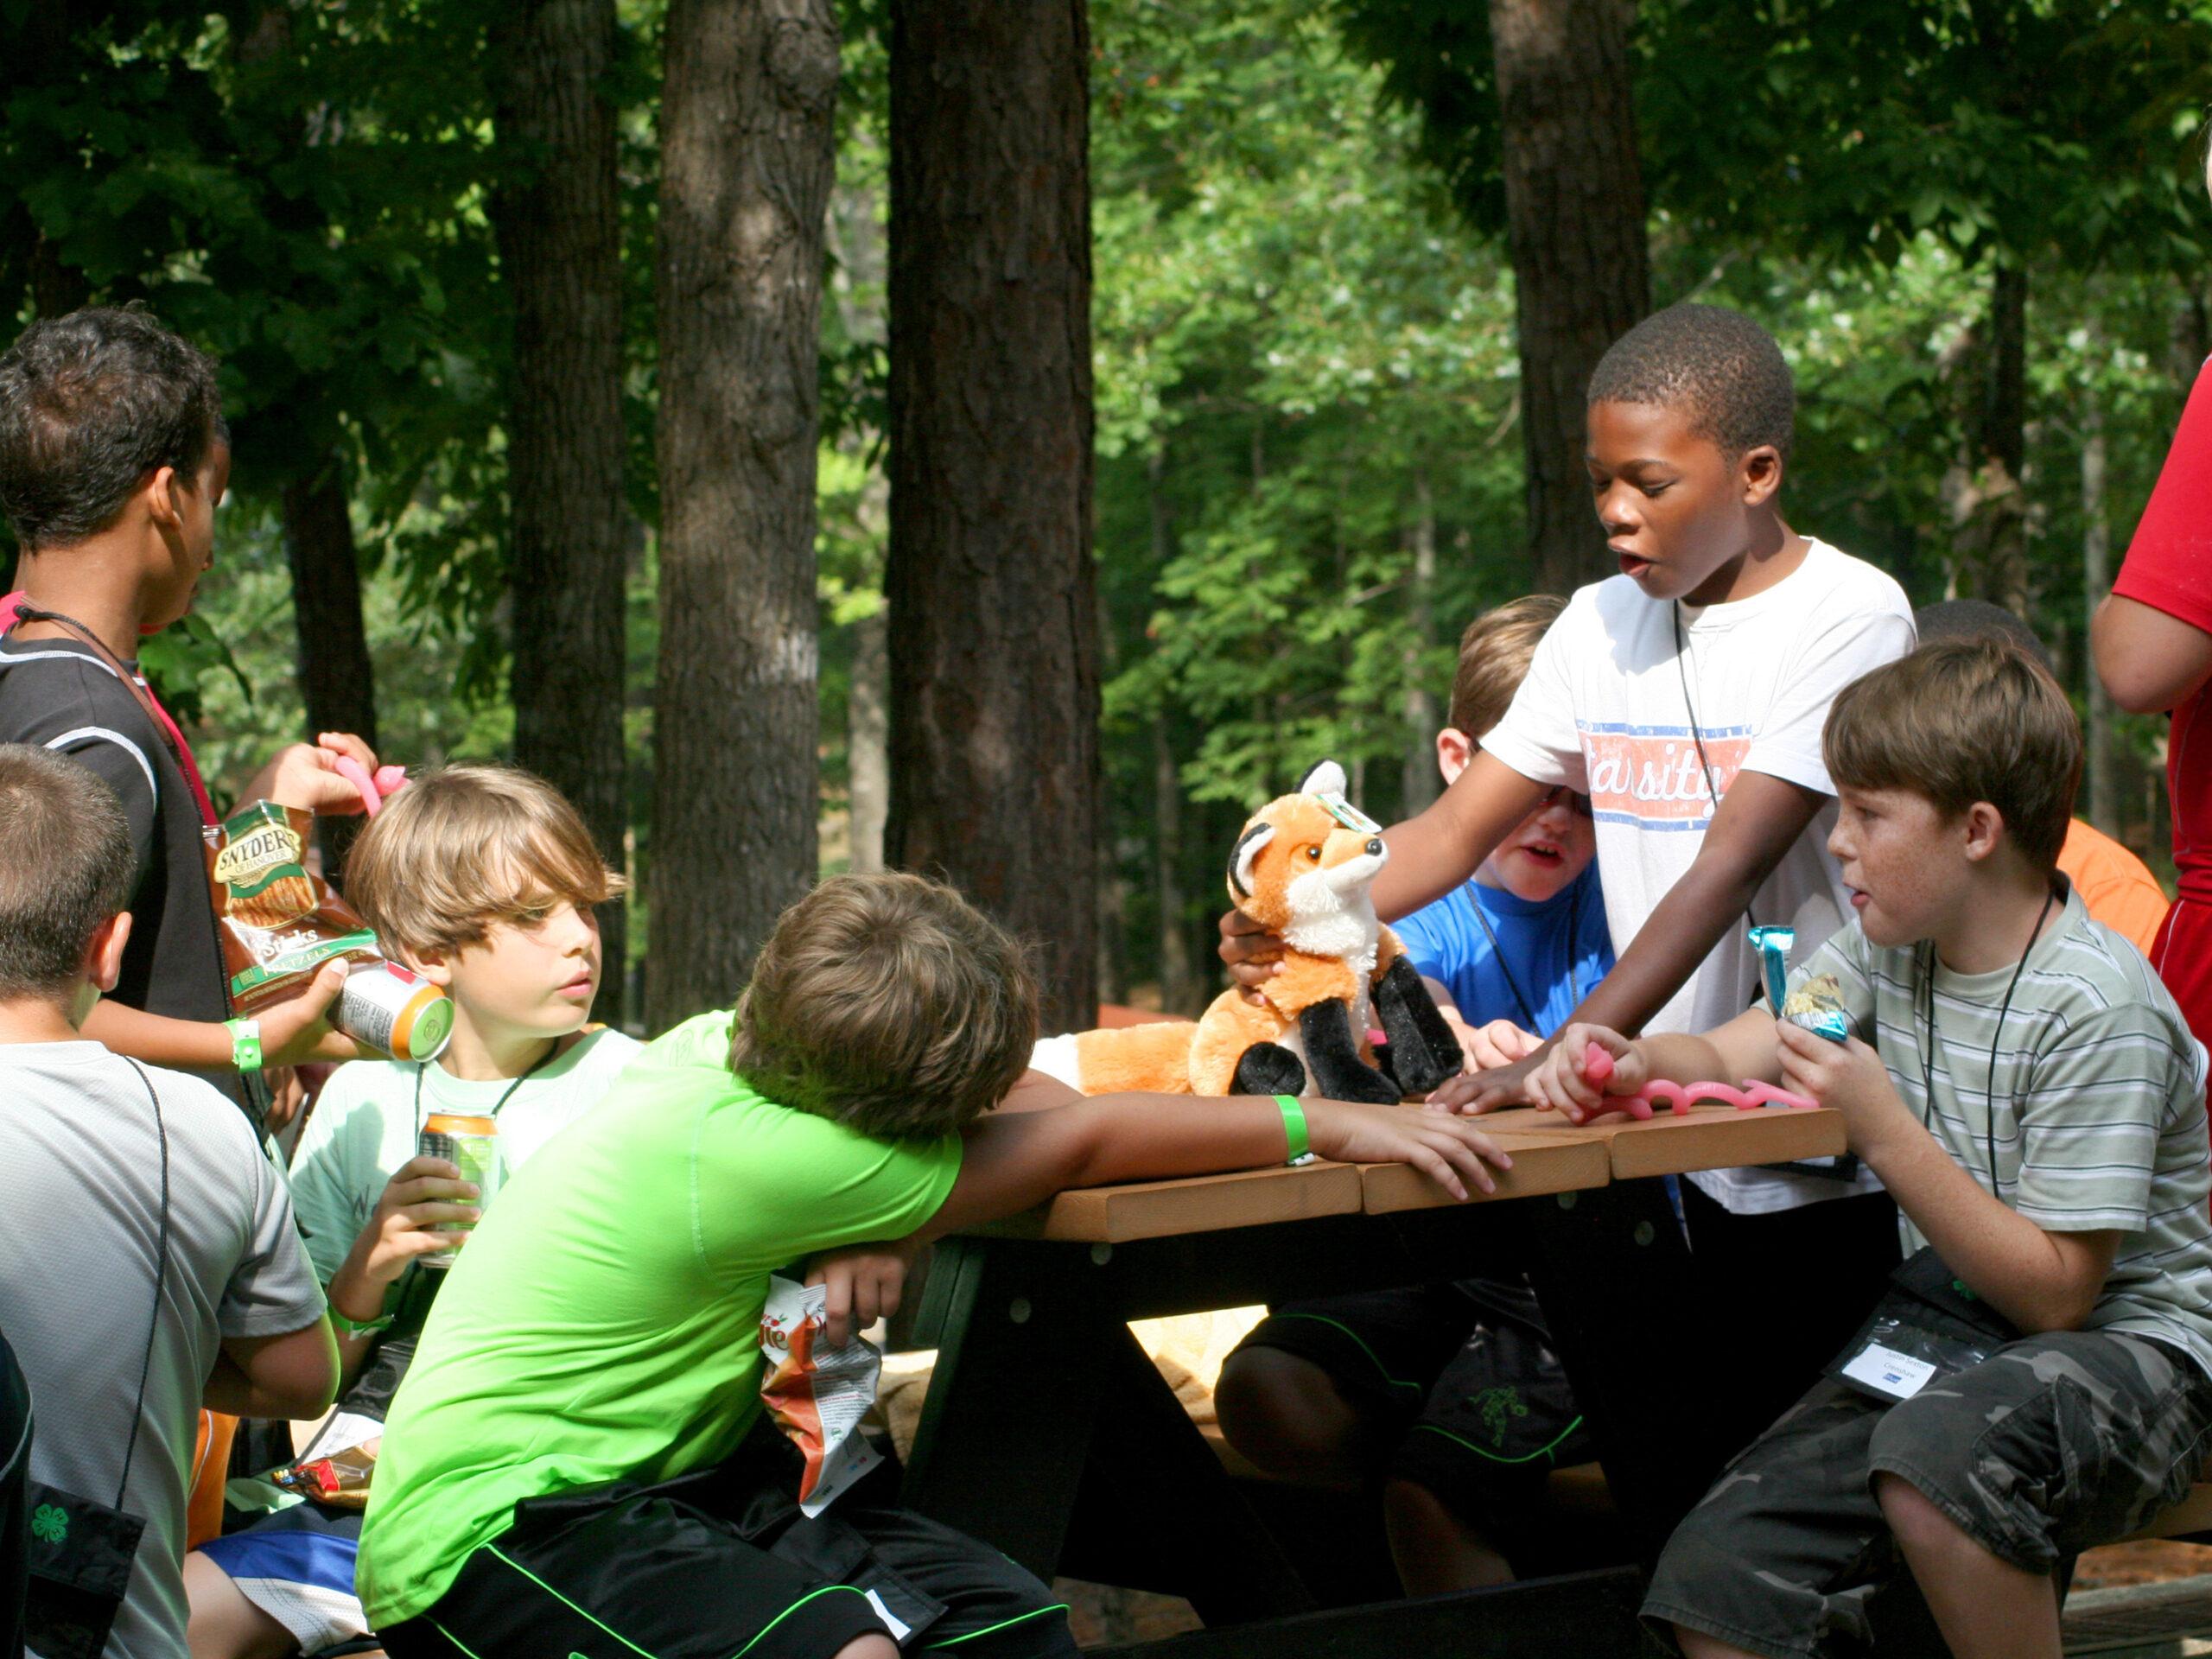 kids at a picnic table